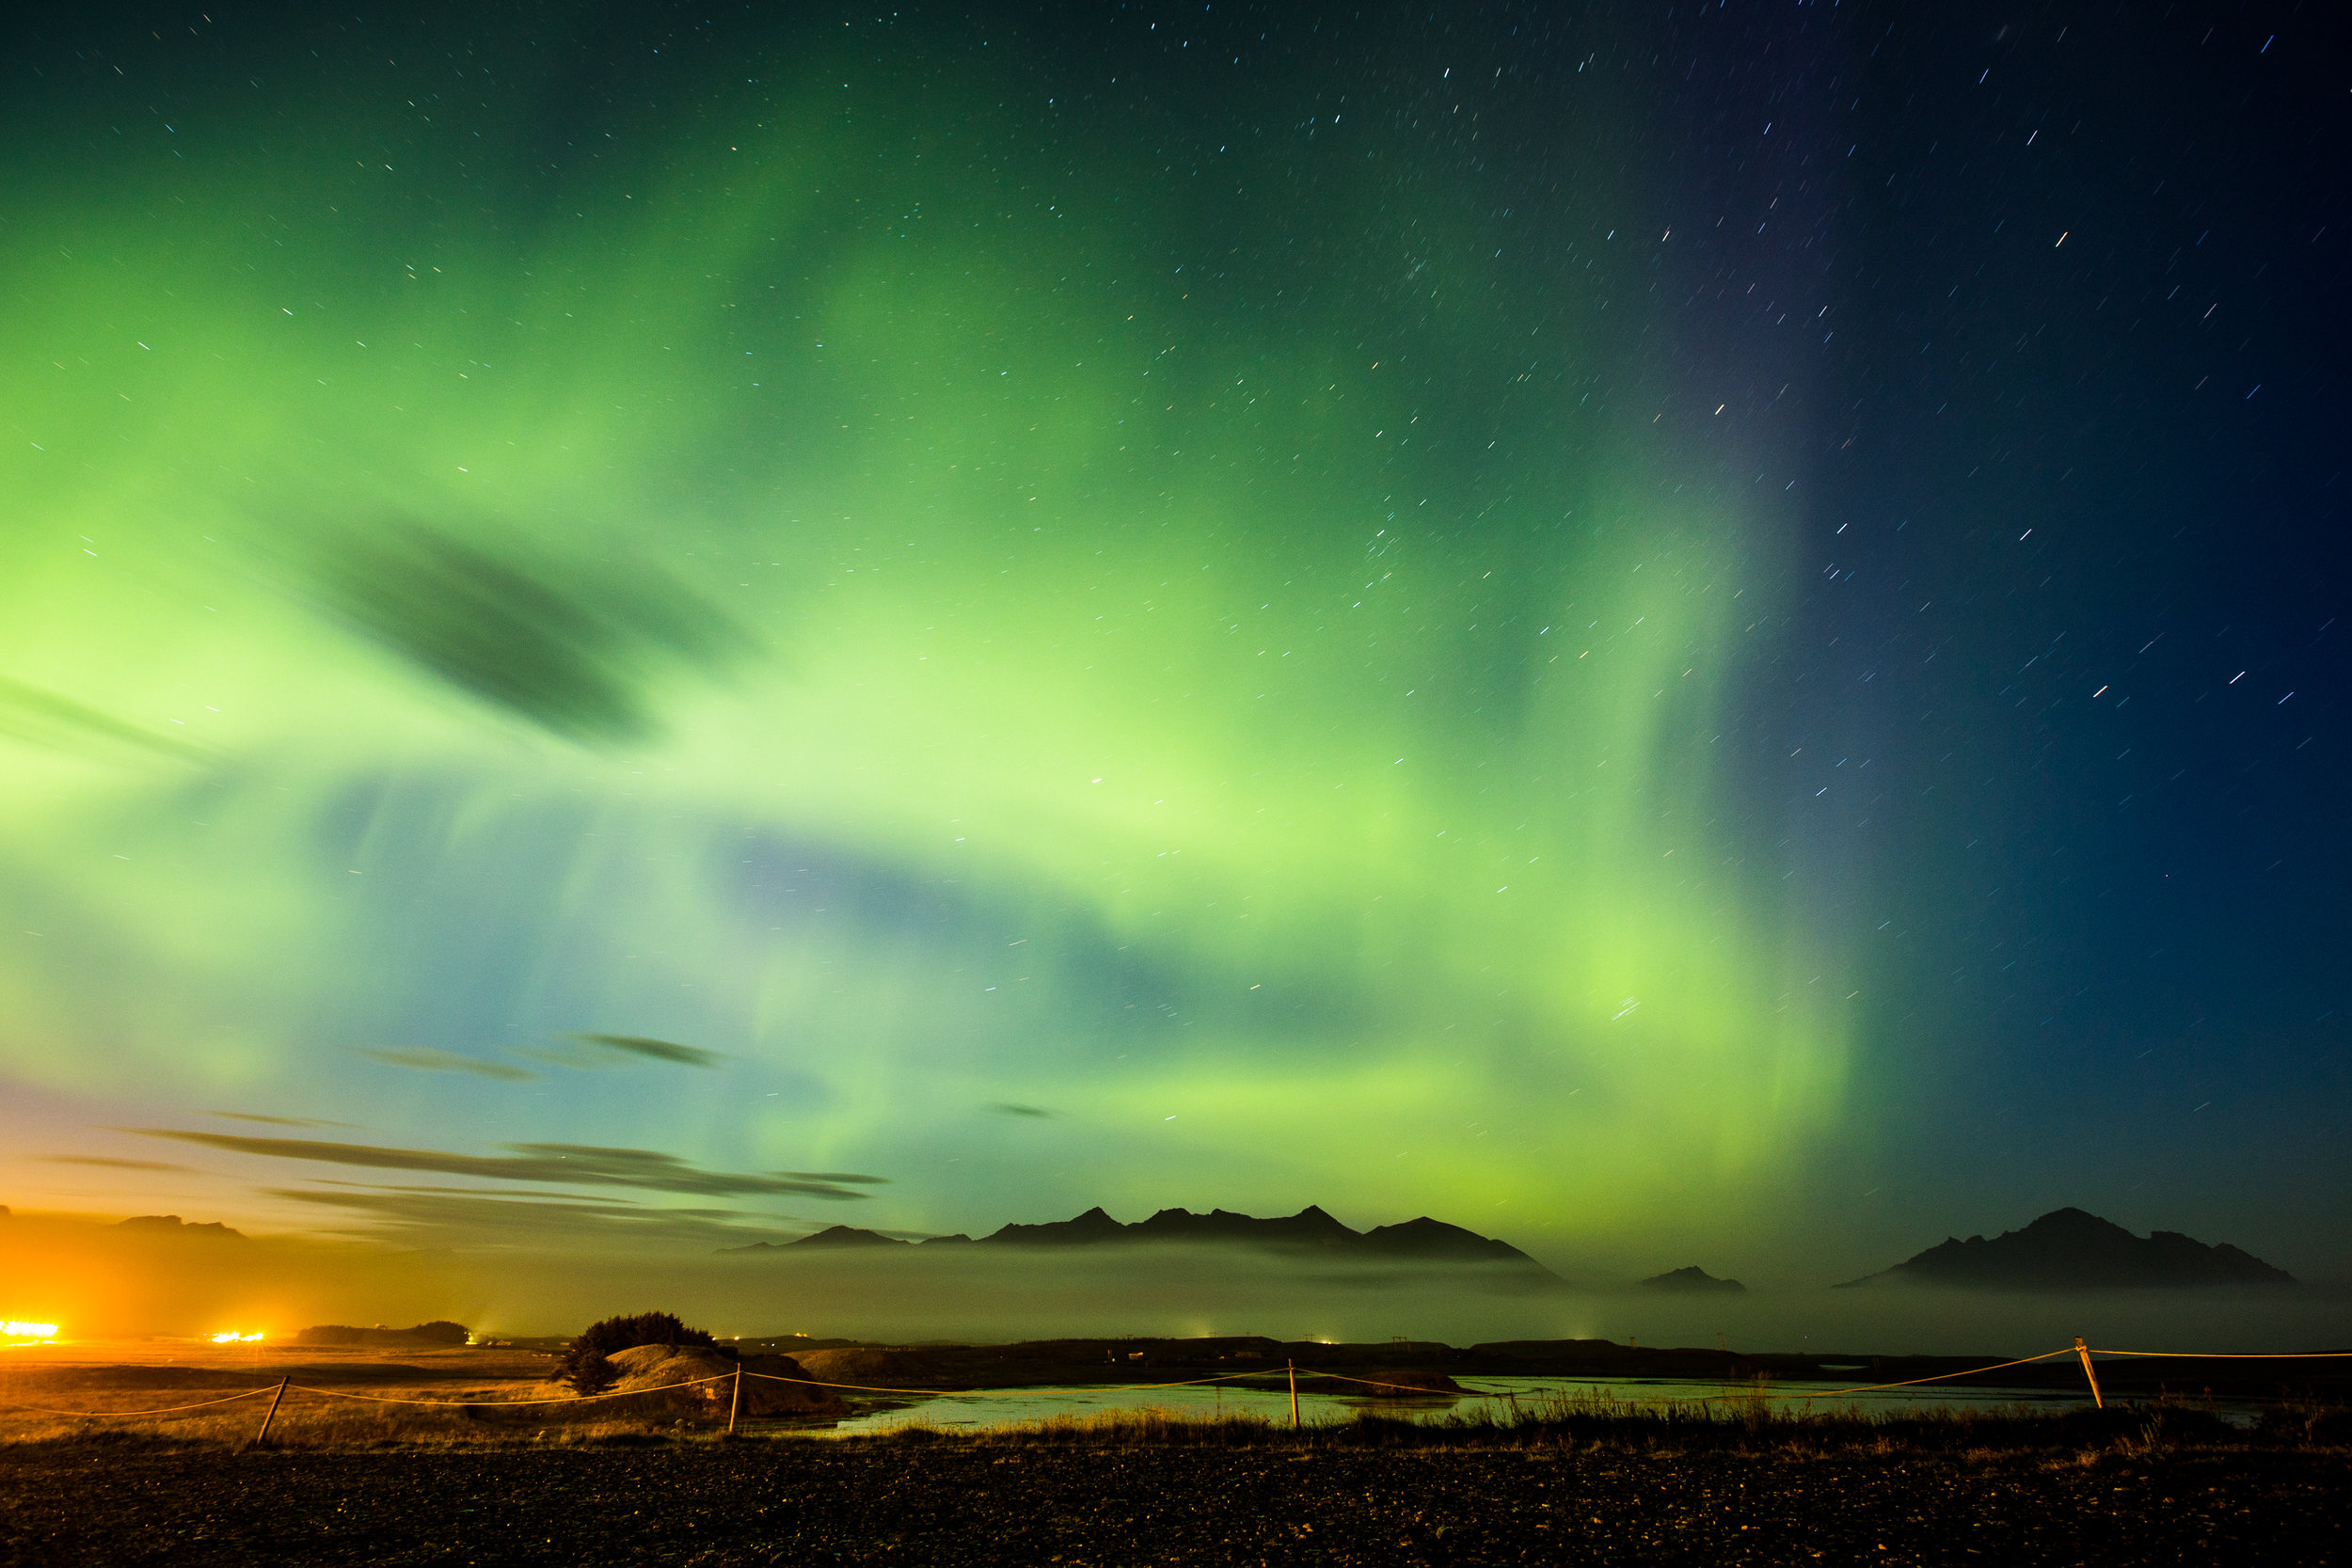 Iceland2015fullresnowater-78.jpg